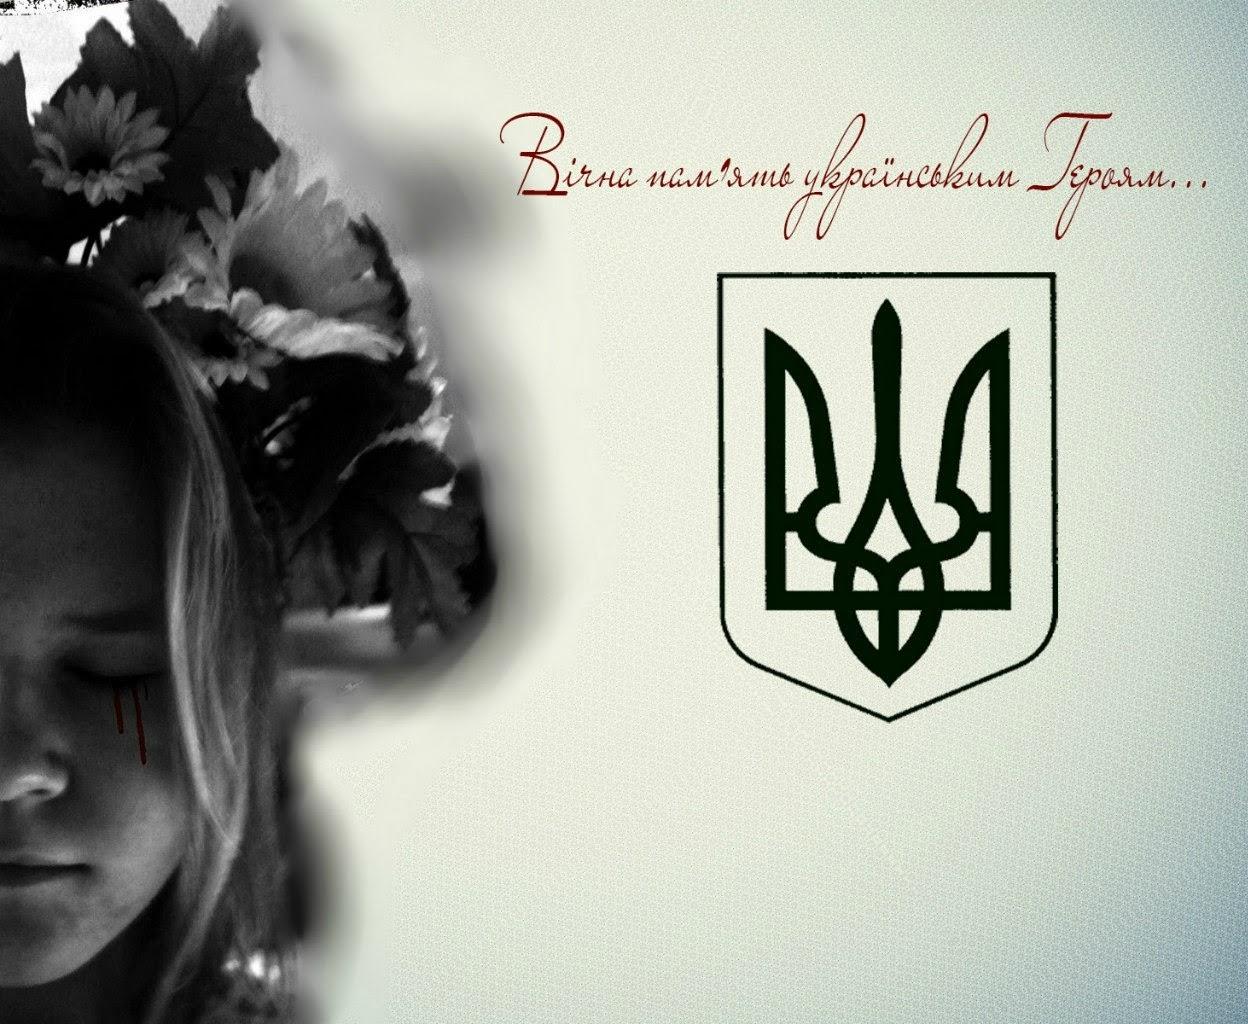 Последнее интервью Евгения Подолянчука - офицера спецназа, павшего при обороне Донецкого аэропорта - Цензор.НЕТ 5006